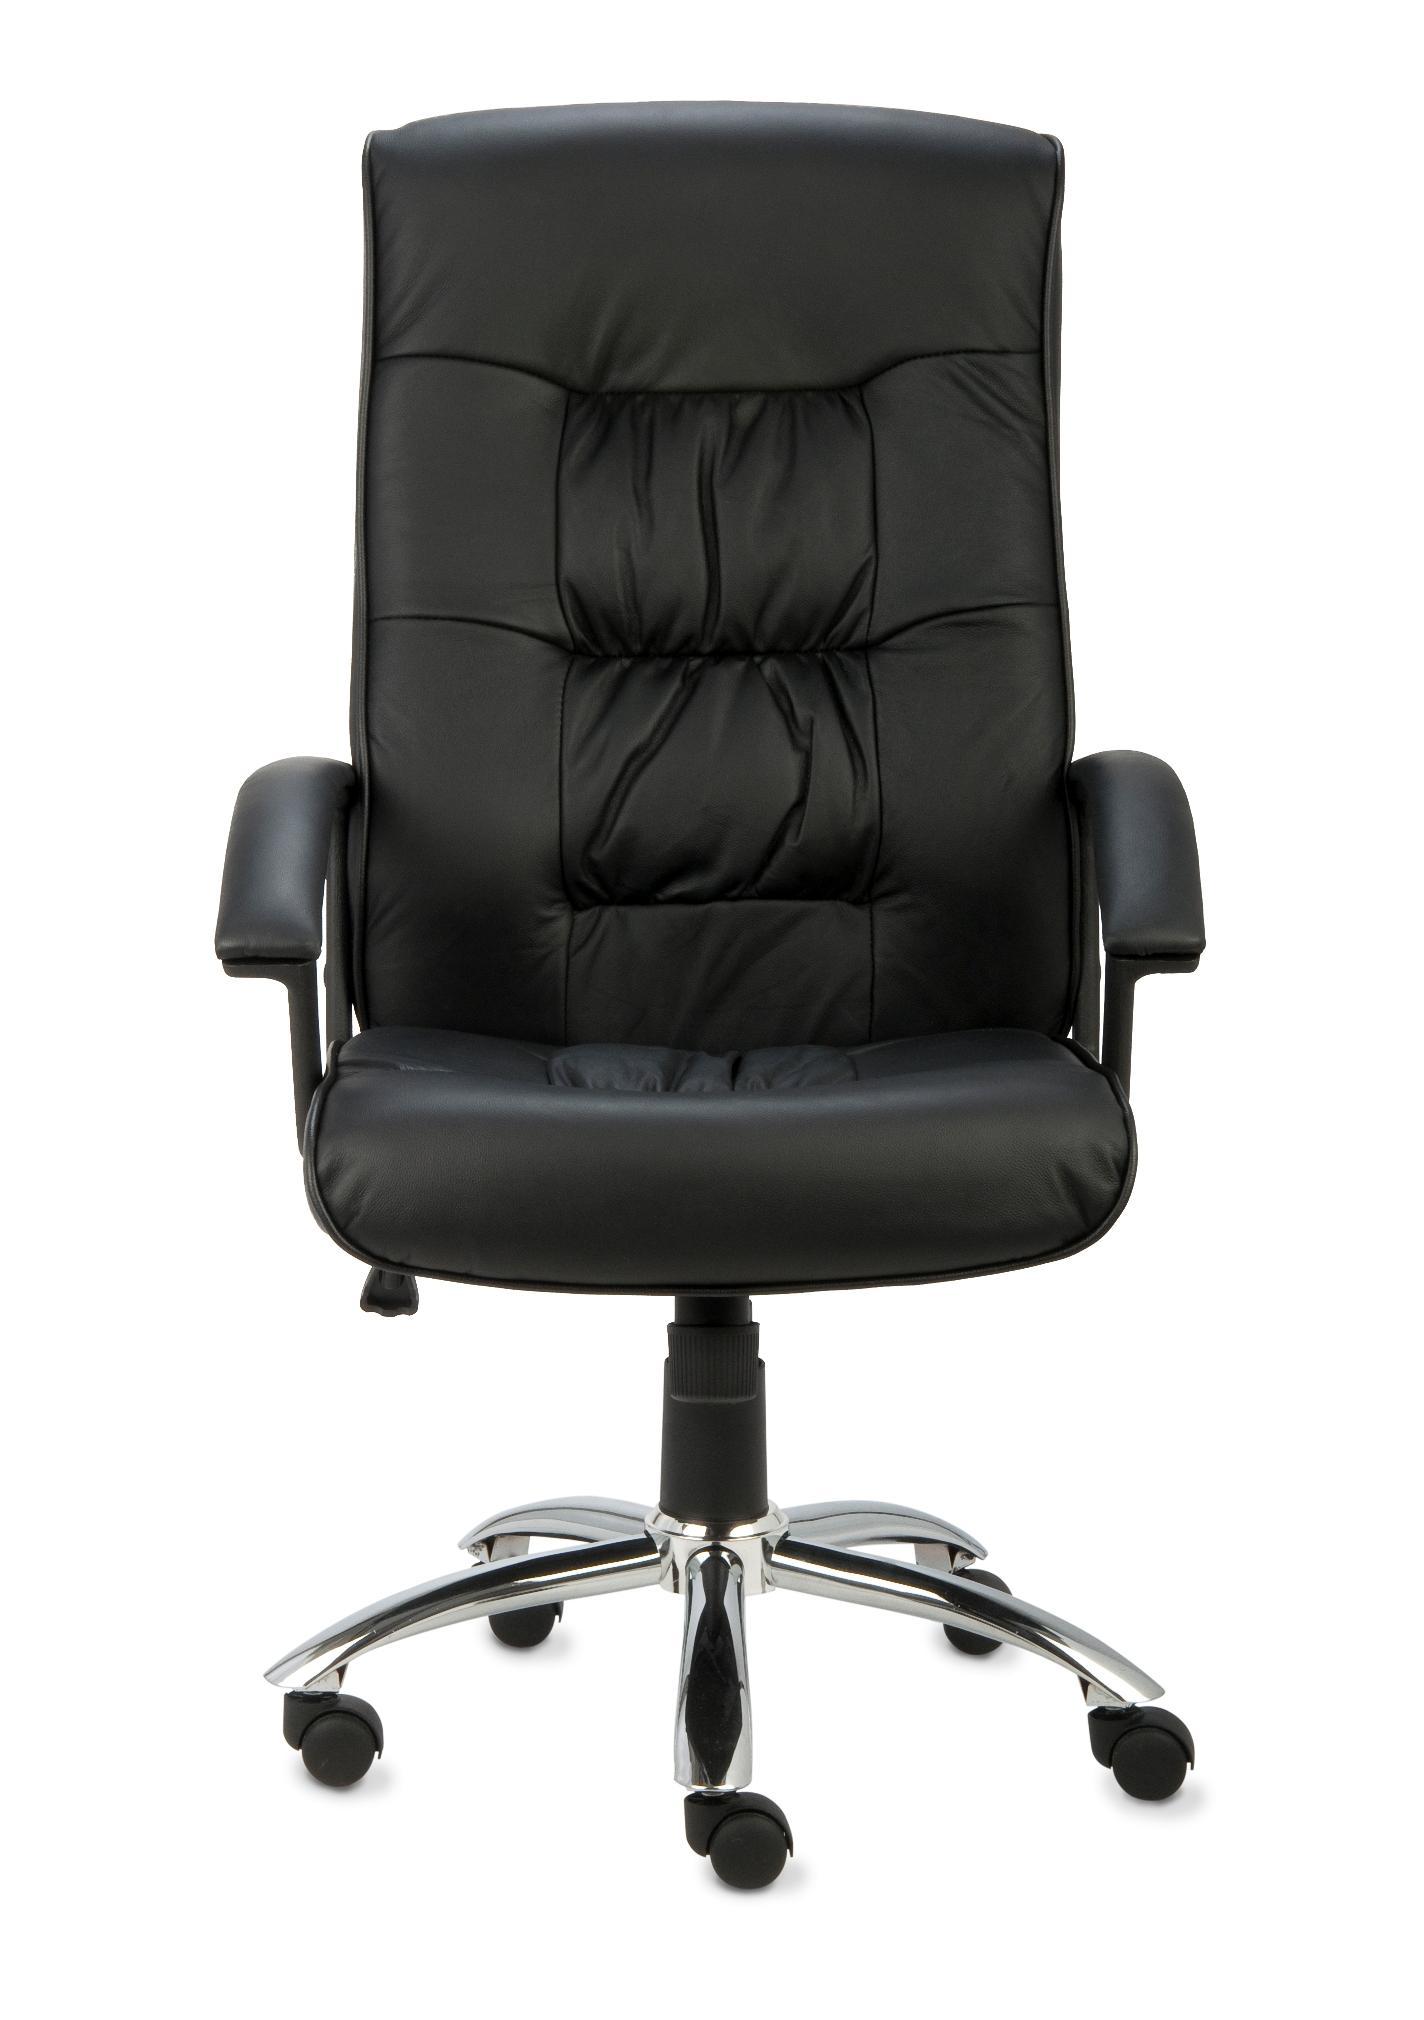 Fotel Relaks SG steel - 24H